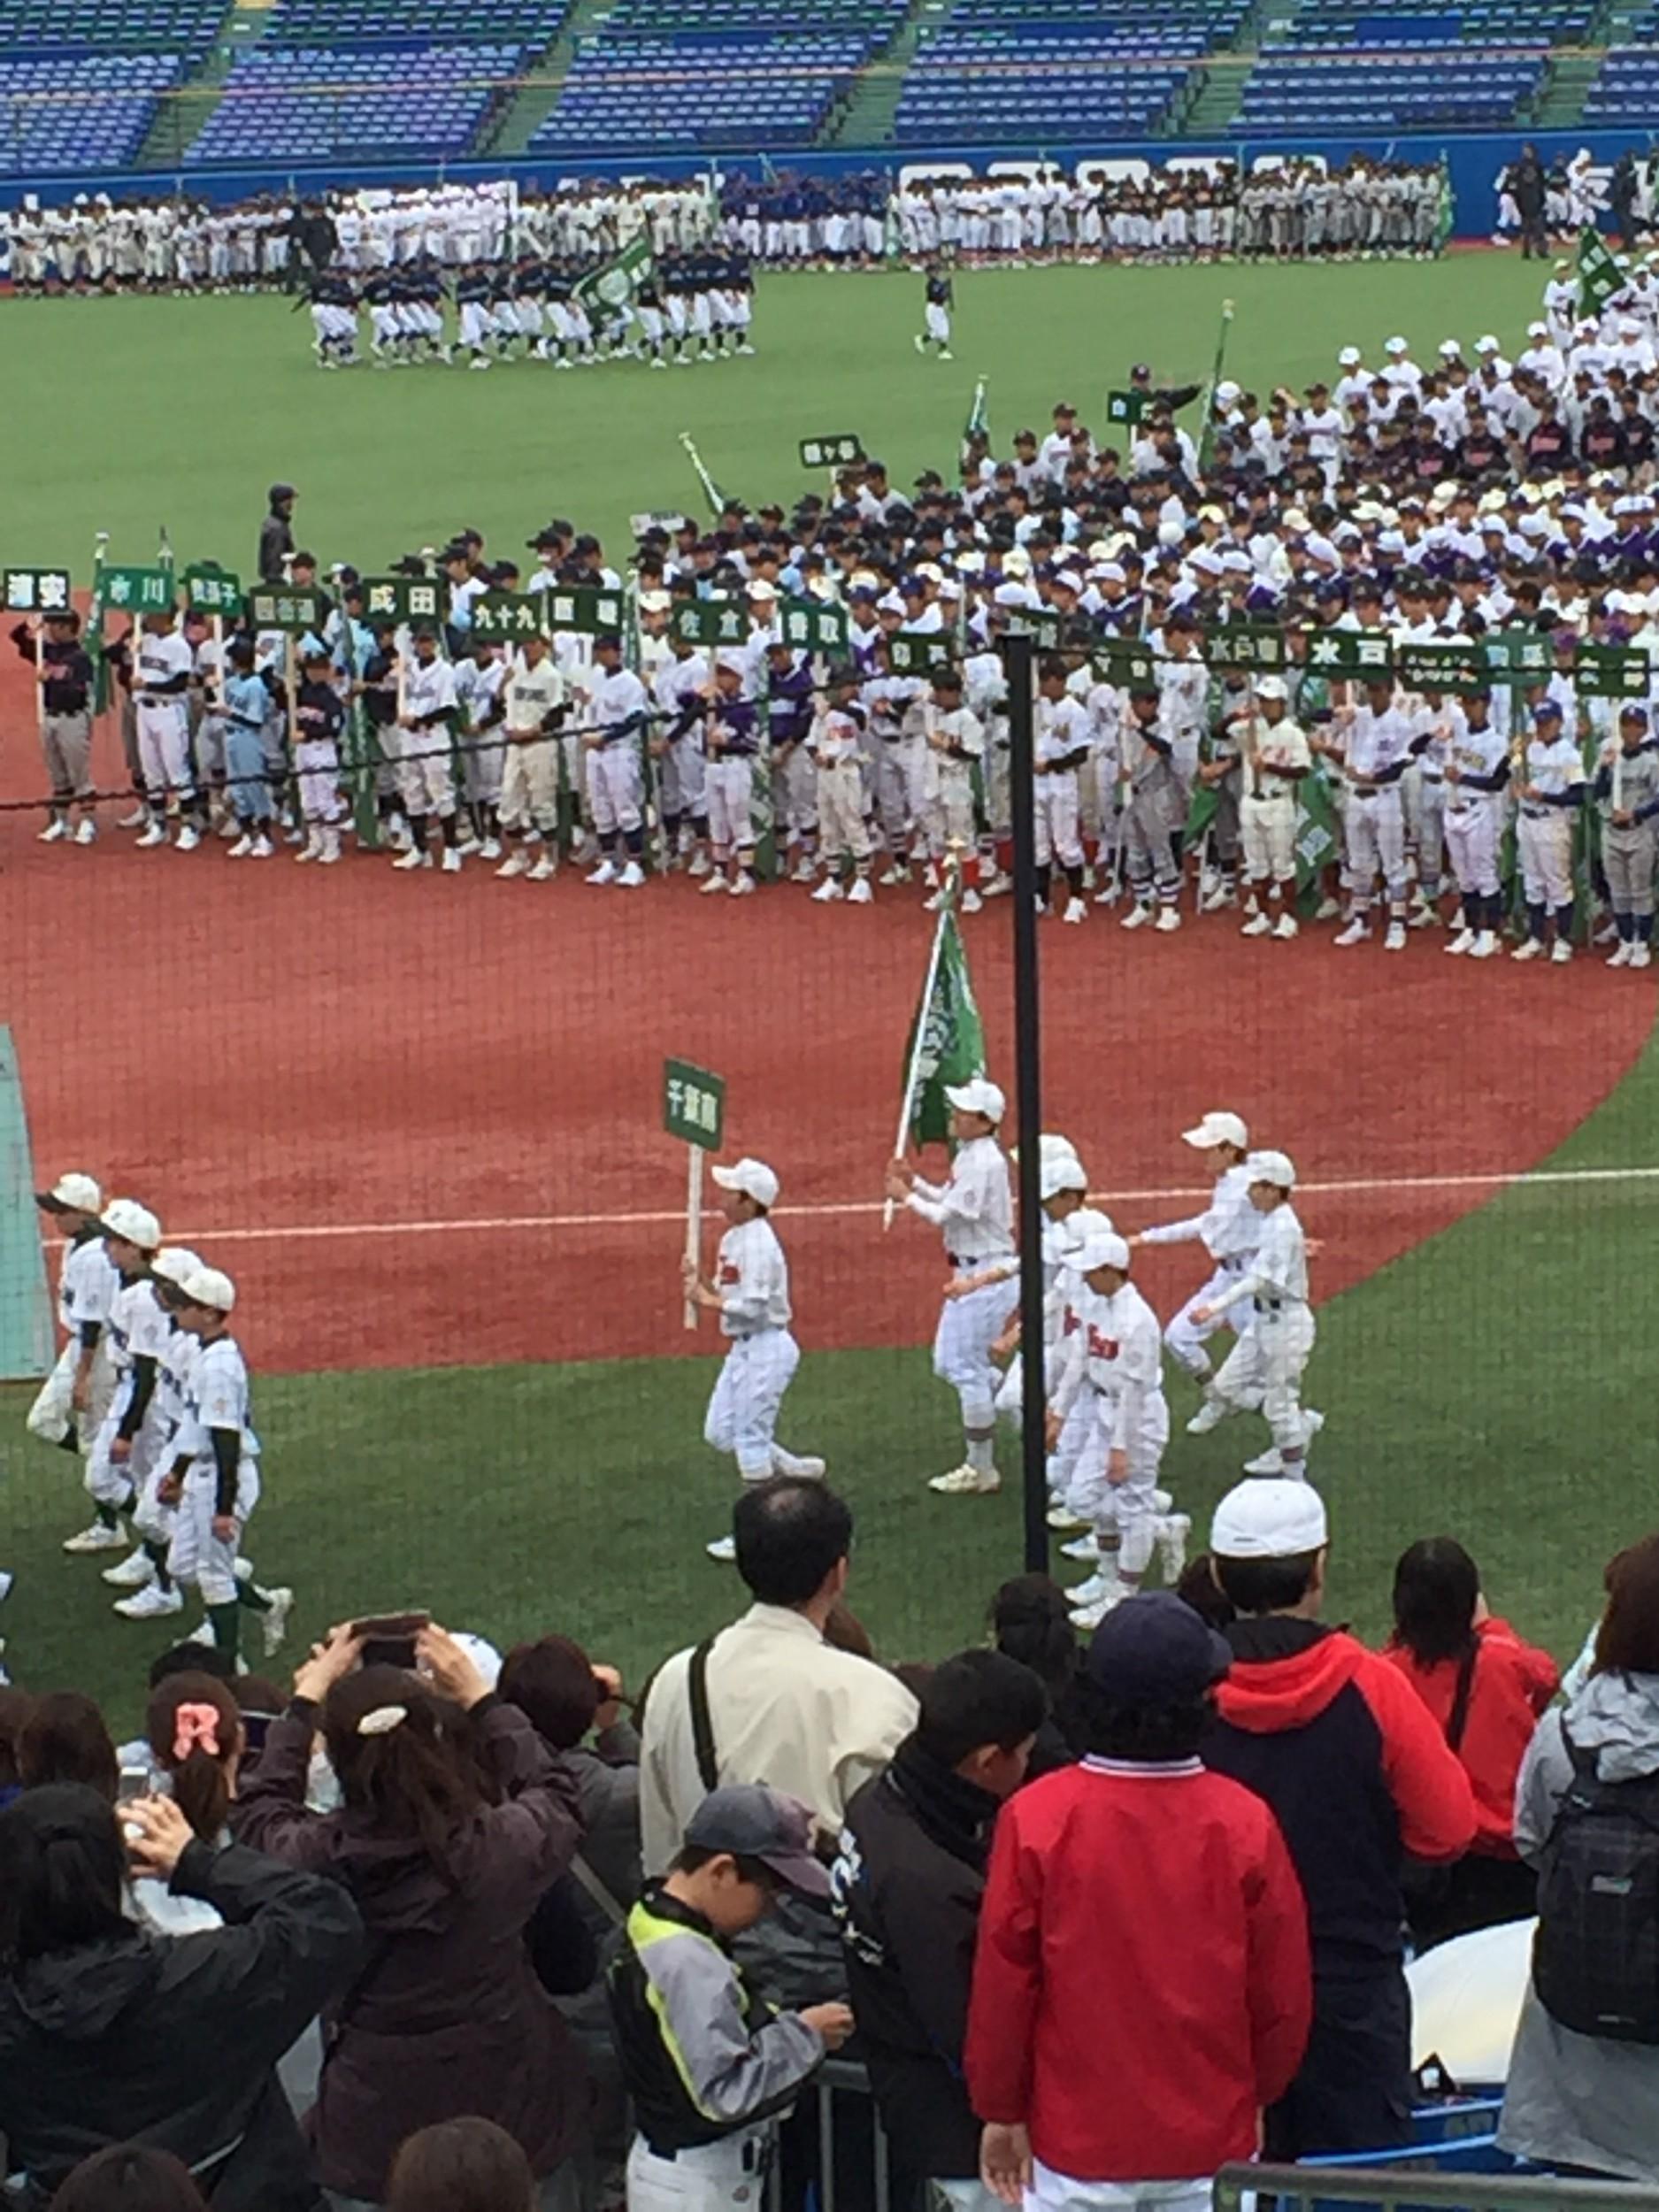 千葉南開幕式